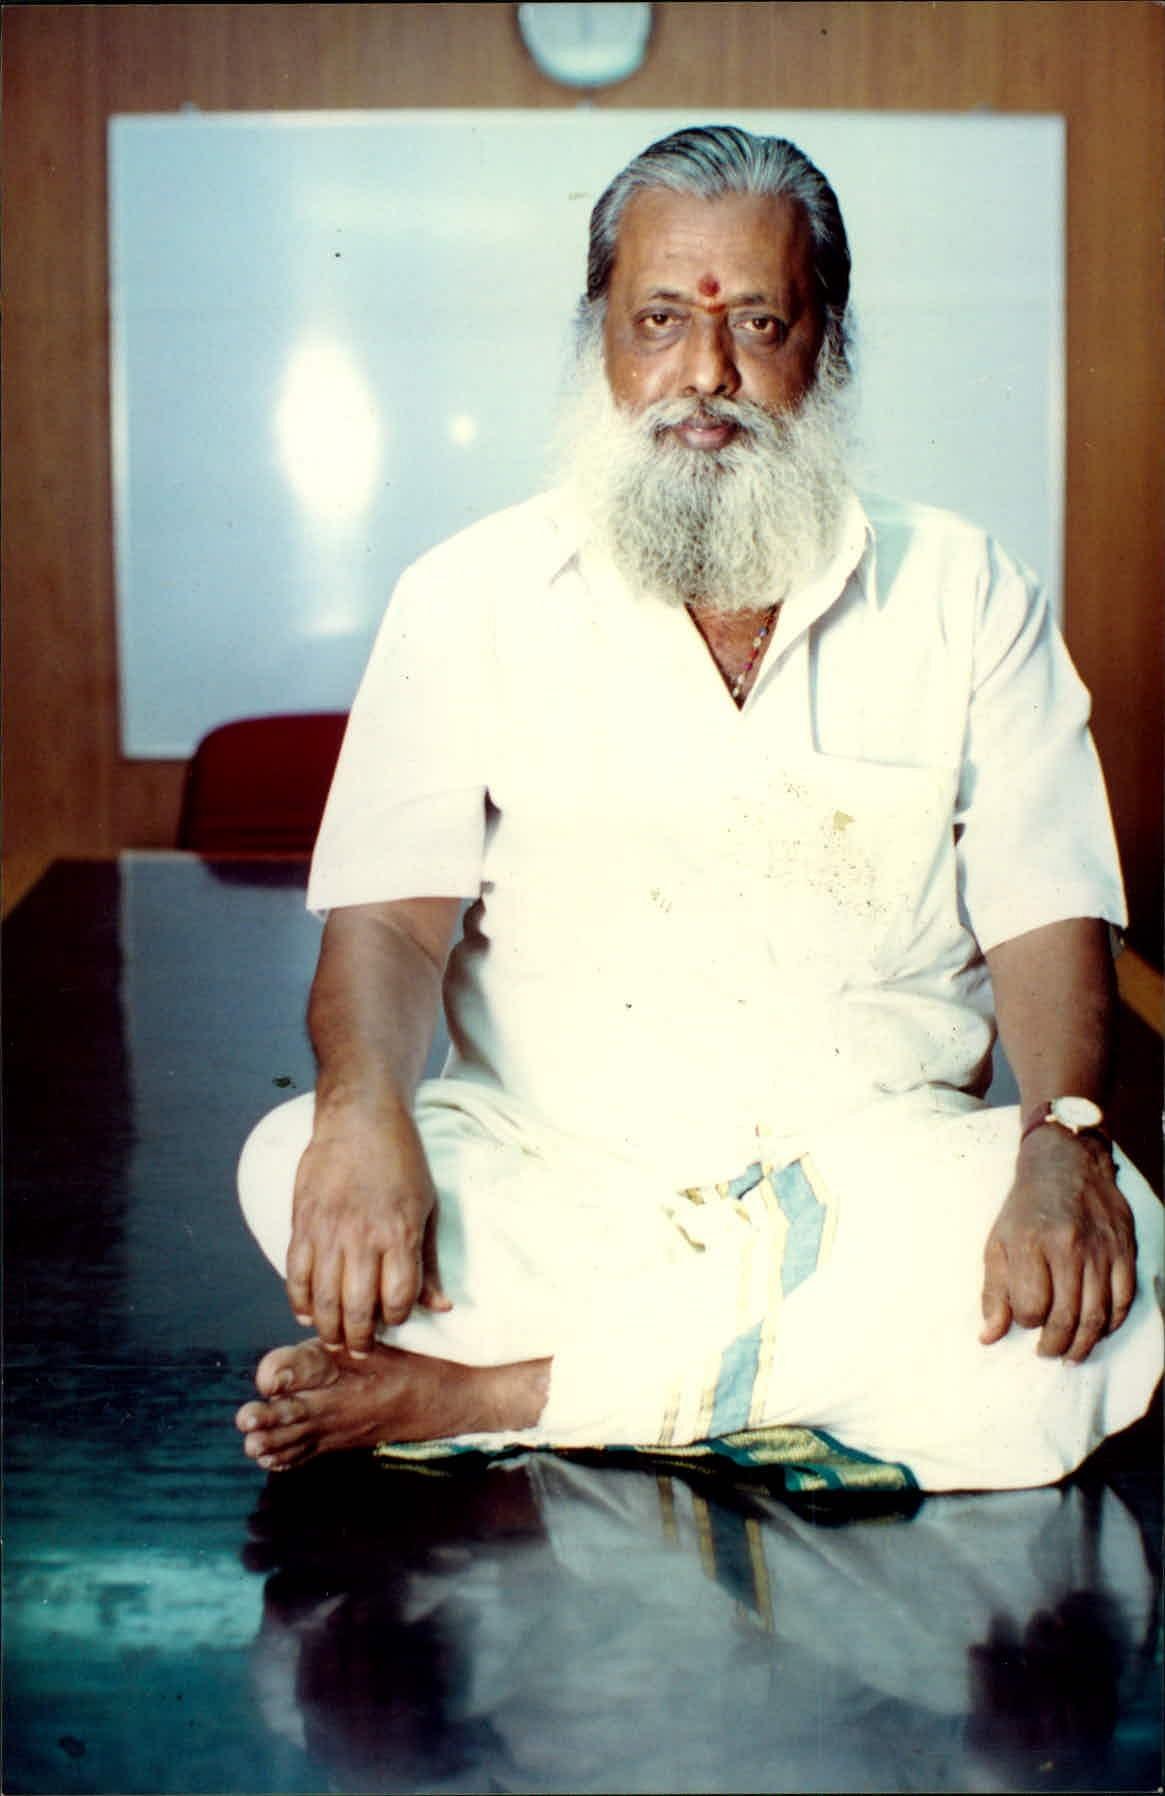 எழுத்துச் சித்தர் பாலகுமாரன்